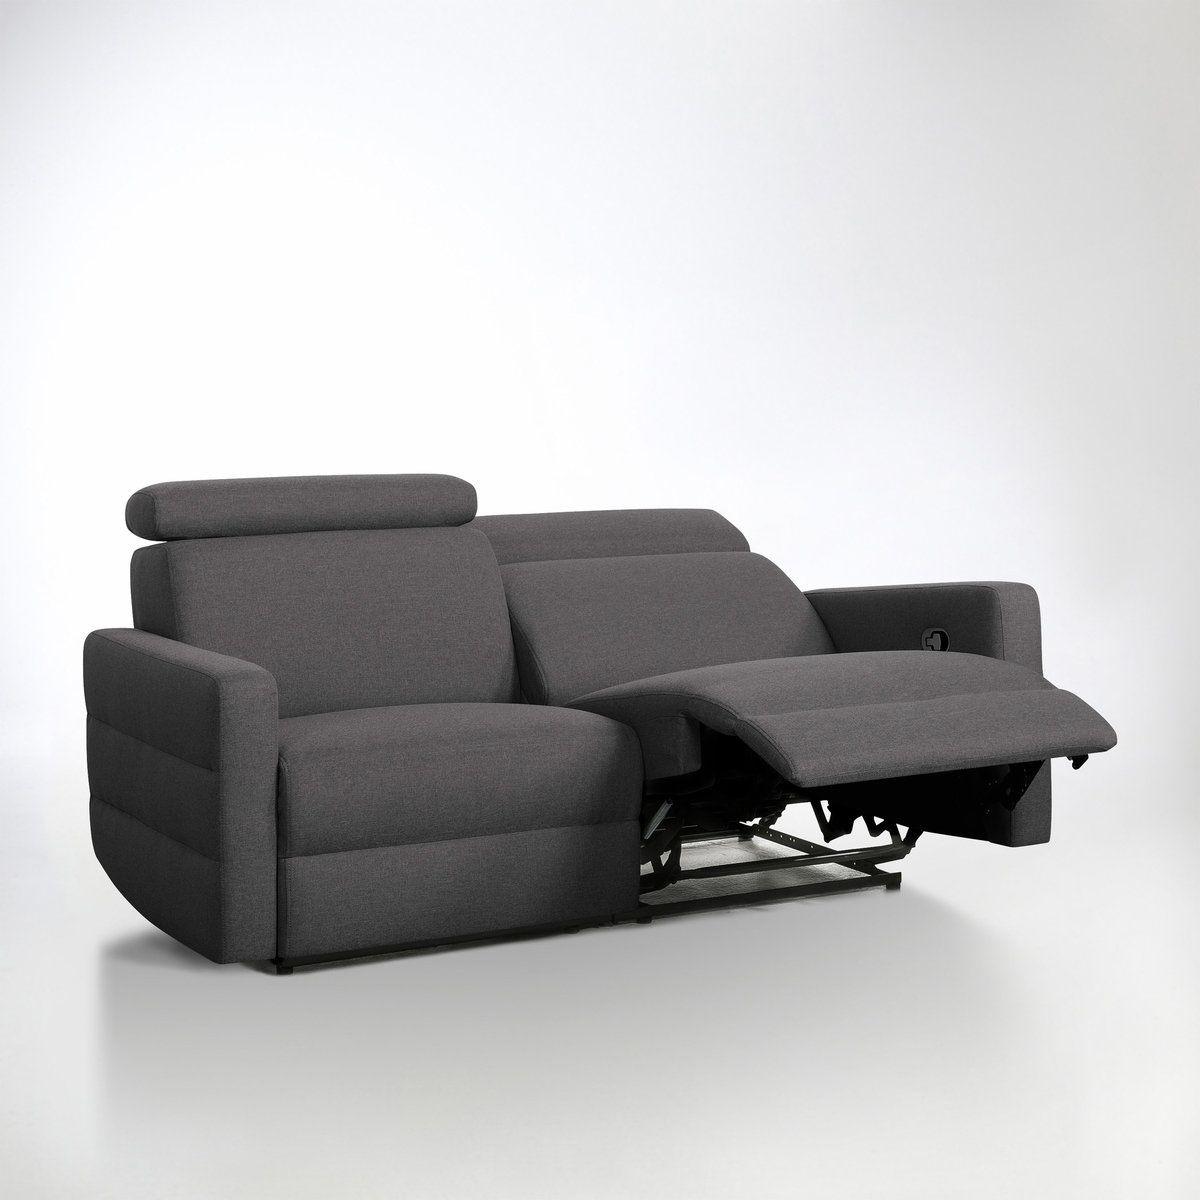 Canape De Relaxation Chine Hyriel Products En 2019 Canape Relax Canape Droit Et Canape Fauteuil